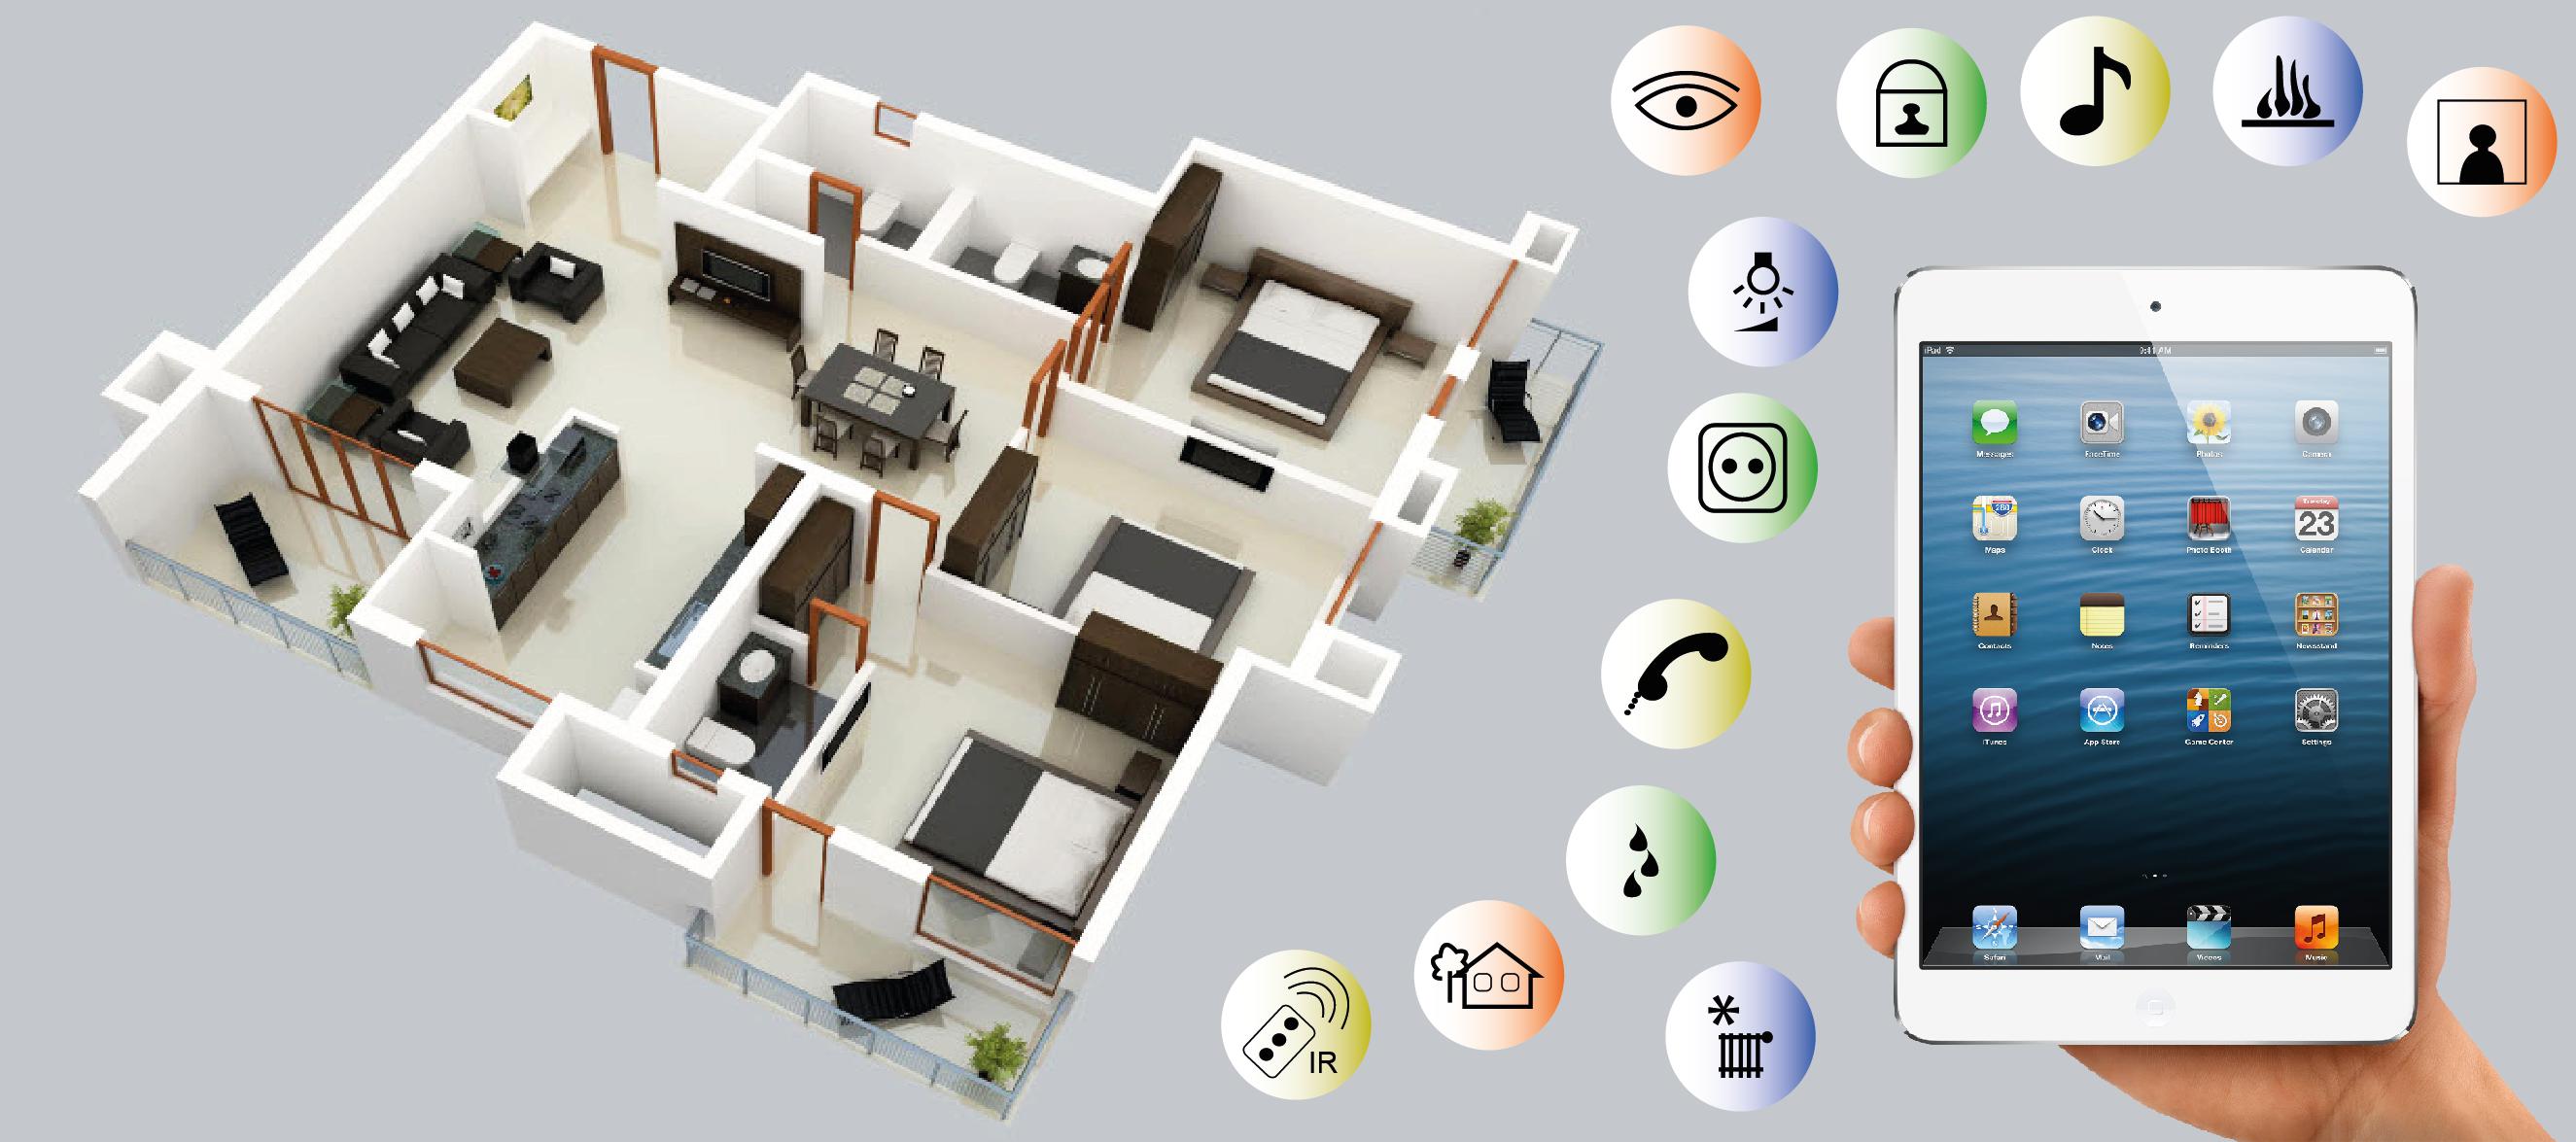 Dom tica una fuente de ahorro for Control de iluminacion domotica